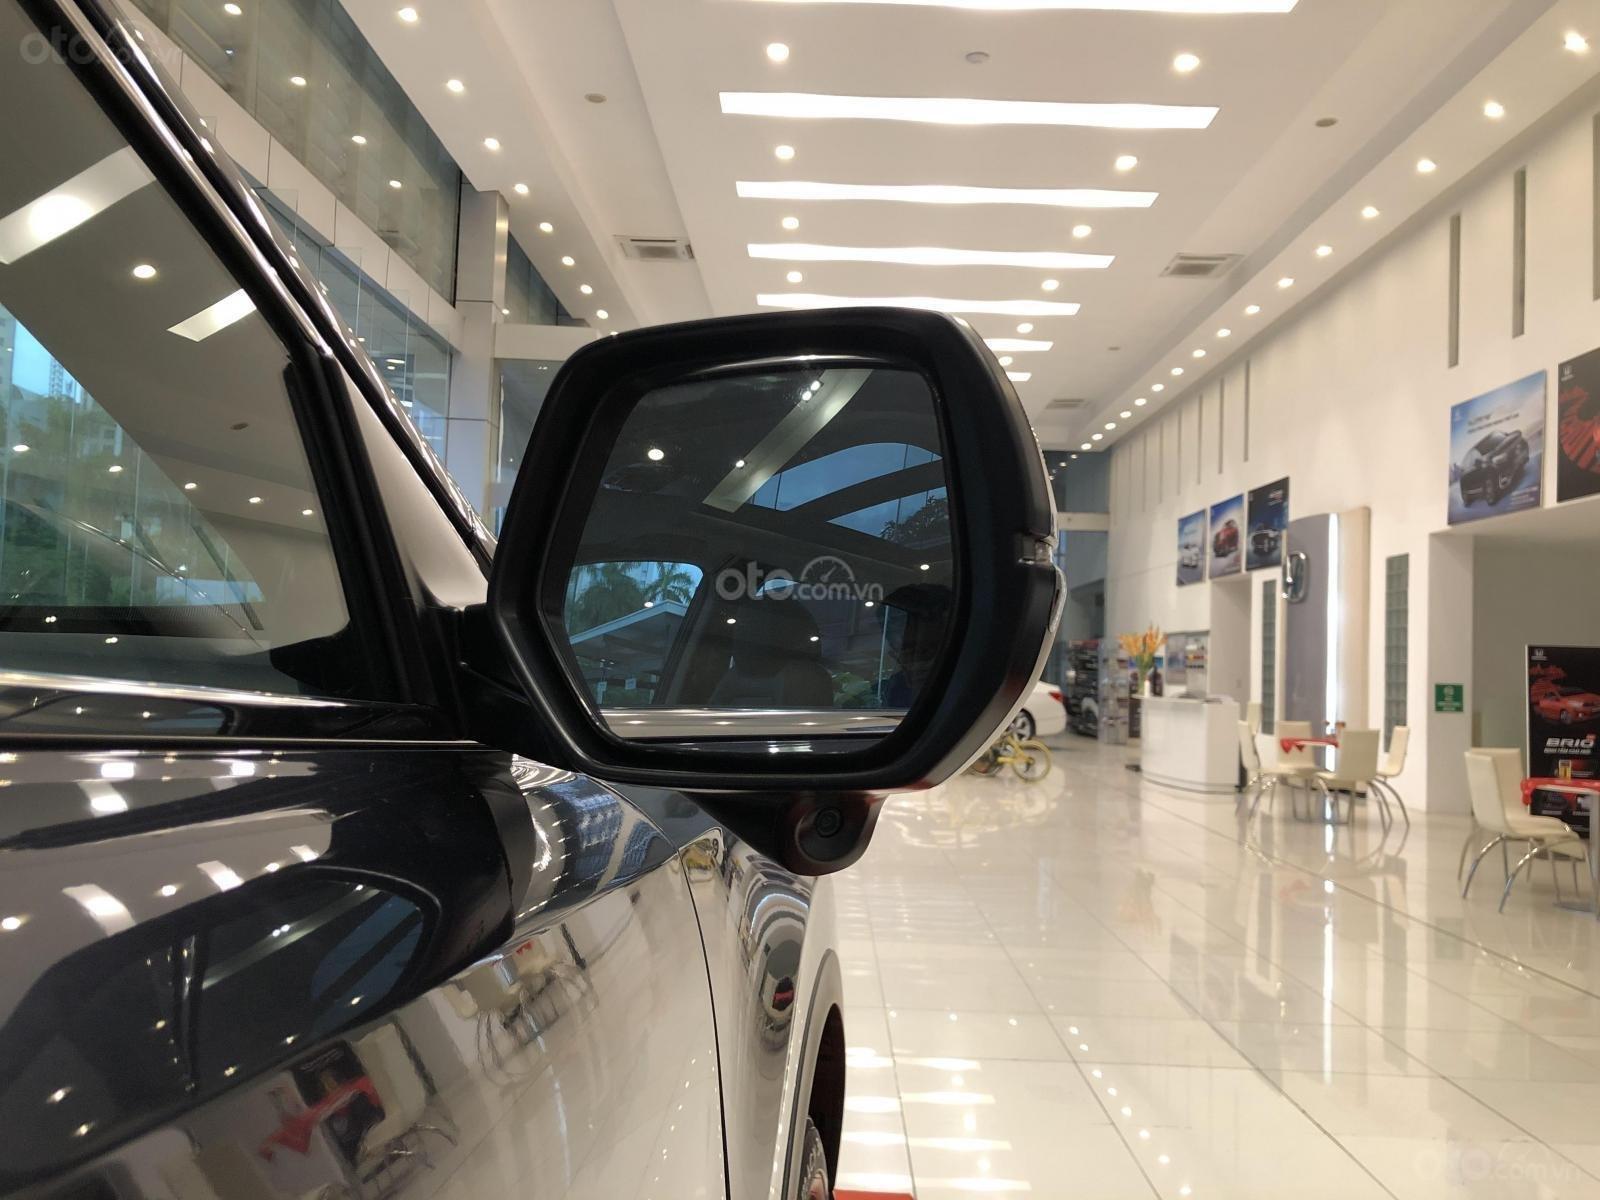 Giá xe Honda CRV 2021 - Ưu đãi dịp lễ 30/4 tiền mặt kèm phụ kiện khủng - sẵn xe giao ngay (7)